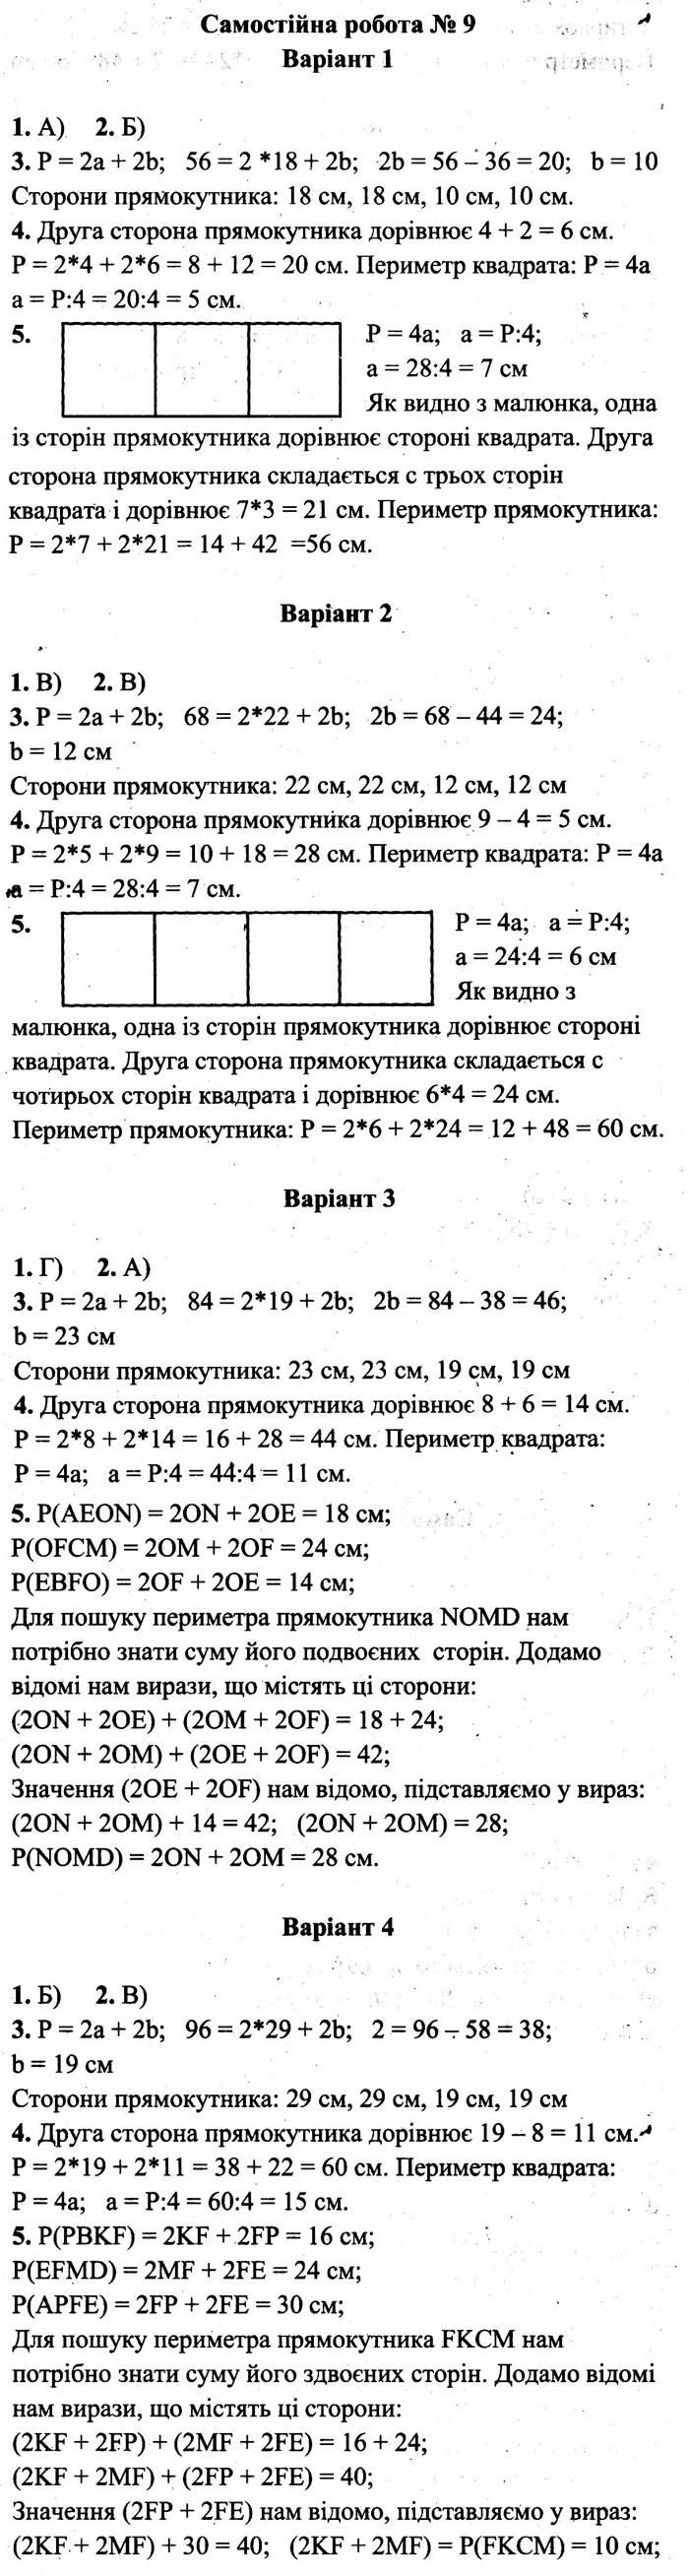 Розв'язання завдань до самостійної роботи 9 посібника 5 клас Математика Мерзляк (збірник самостійних робіт і тестів) 2020 рік